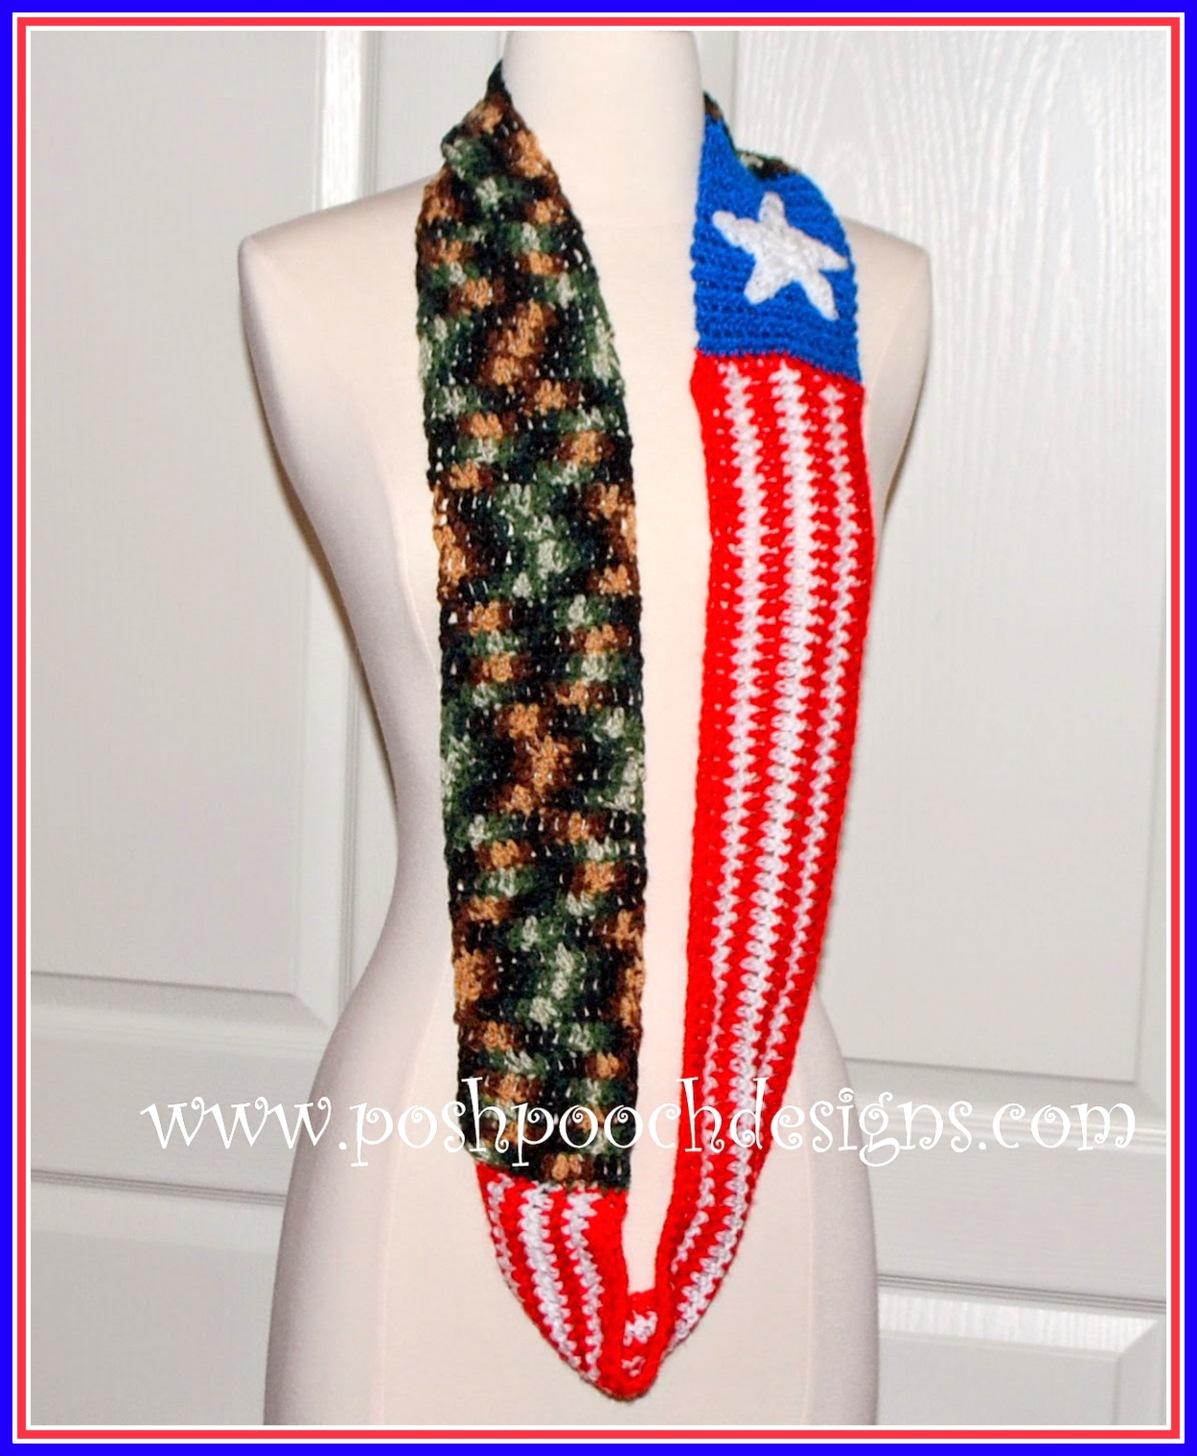 Crochet American Flag Scarf Pattern : Posh Pooch Designs Dog Clothes: American Freedom Scarf ...